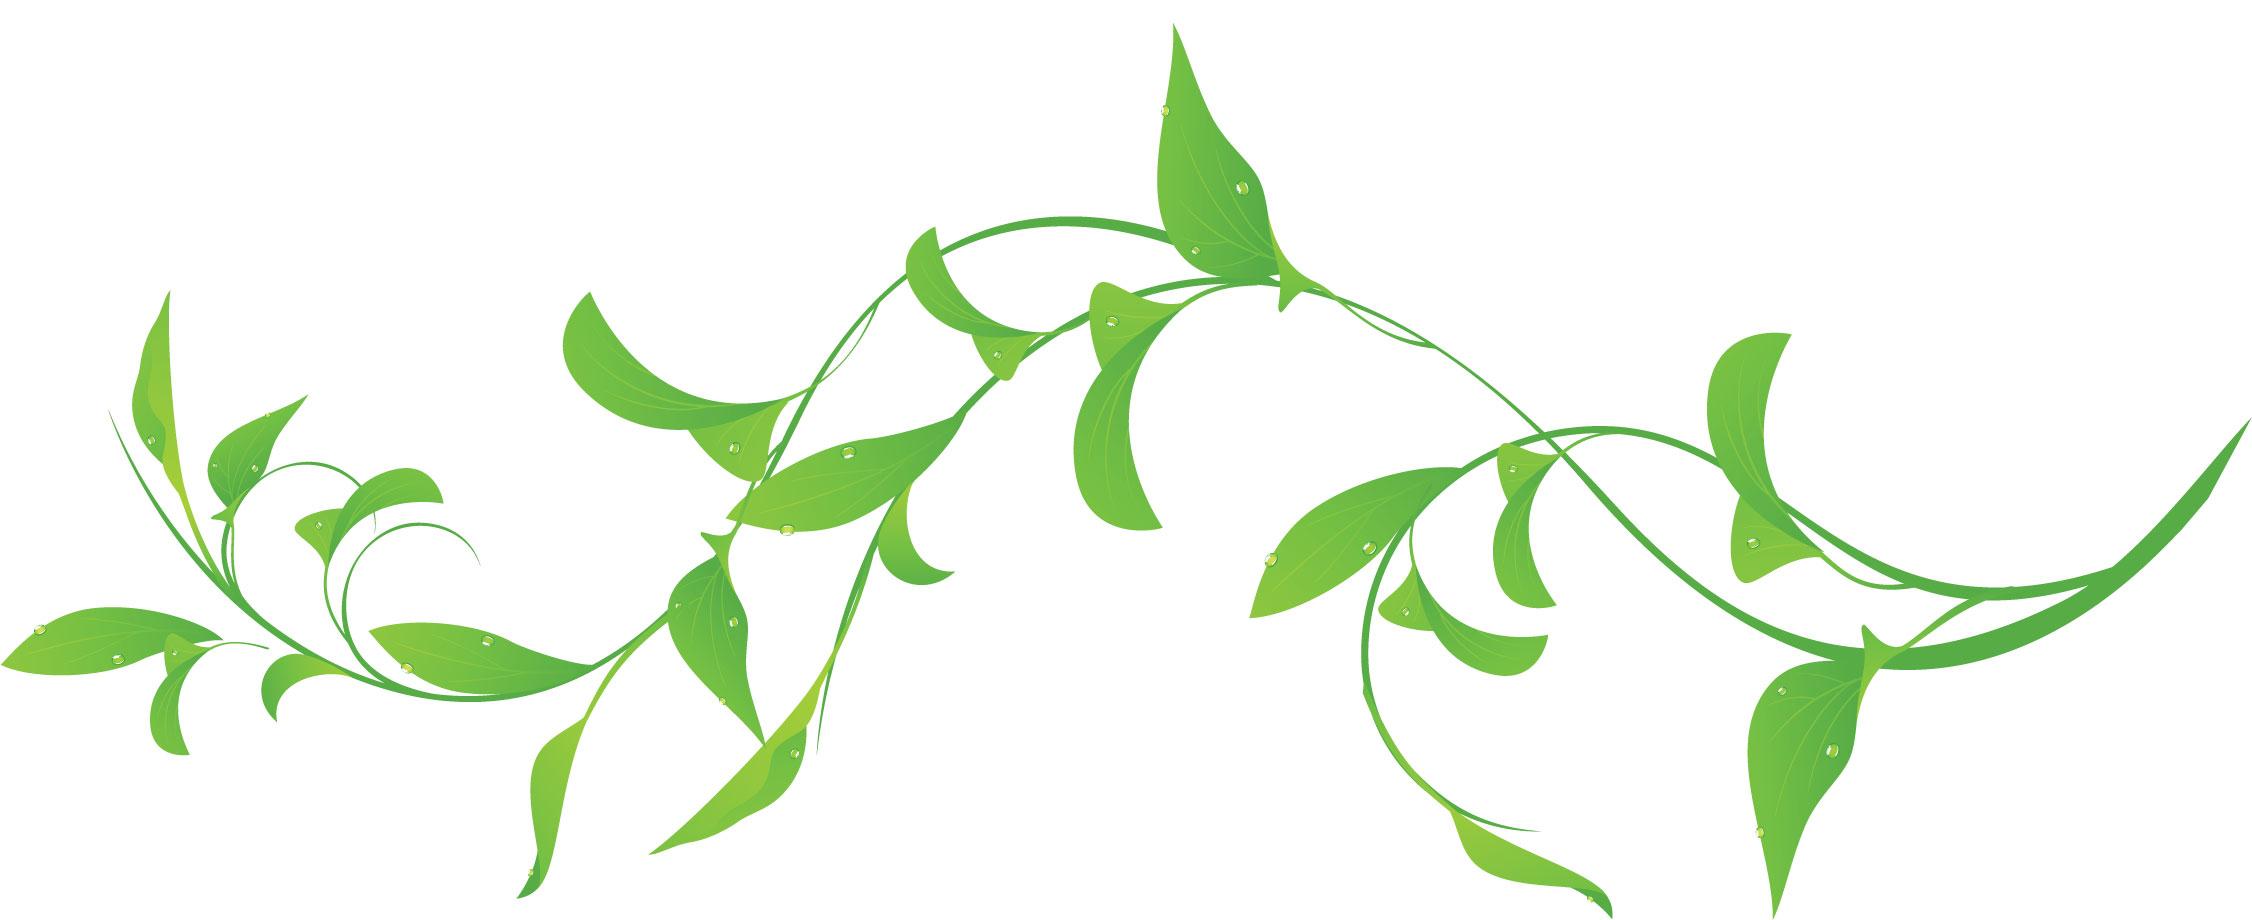 葉っぱの見本画像-緑・葉・水滴